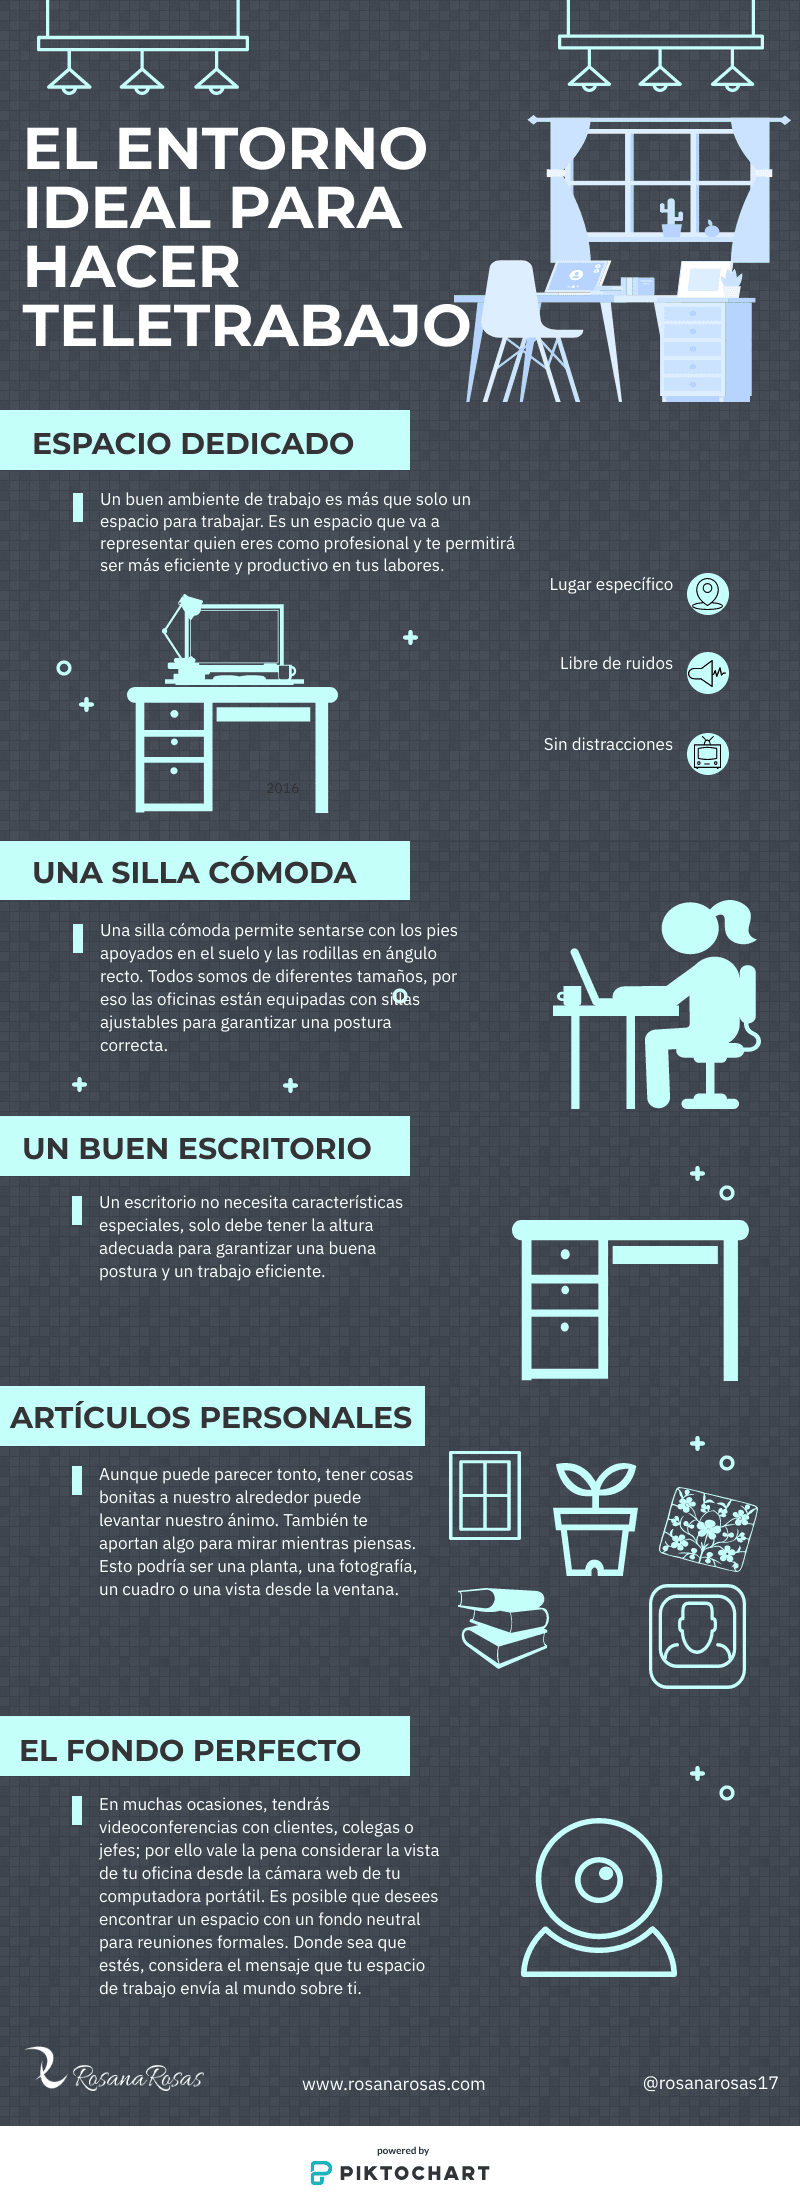 El entorno ideal para hacer Teletrabajo #infografia #infographic #rrhh